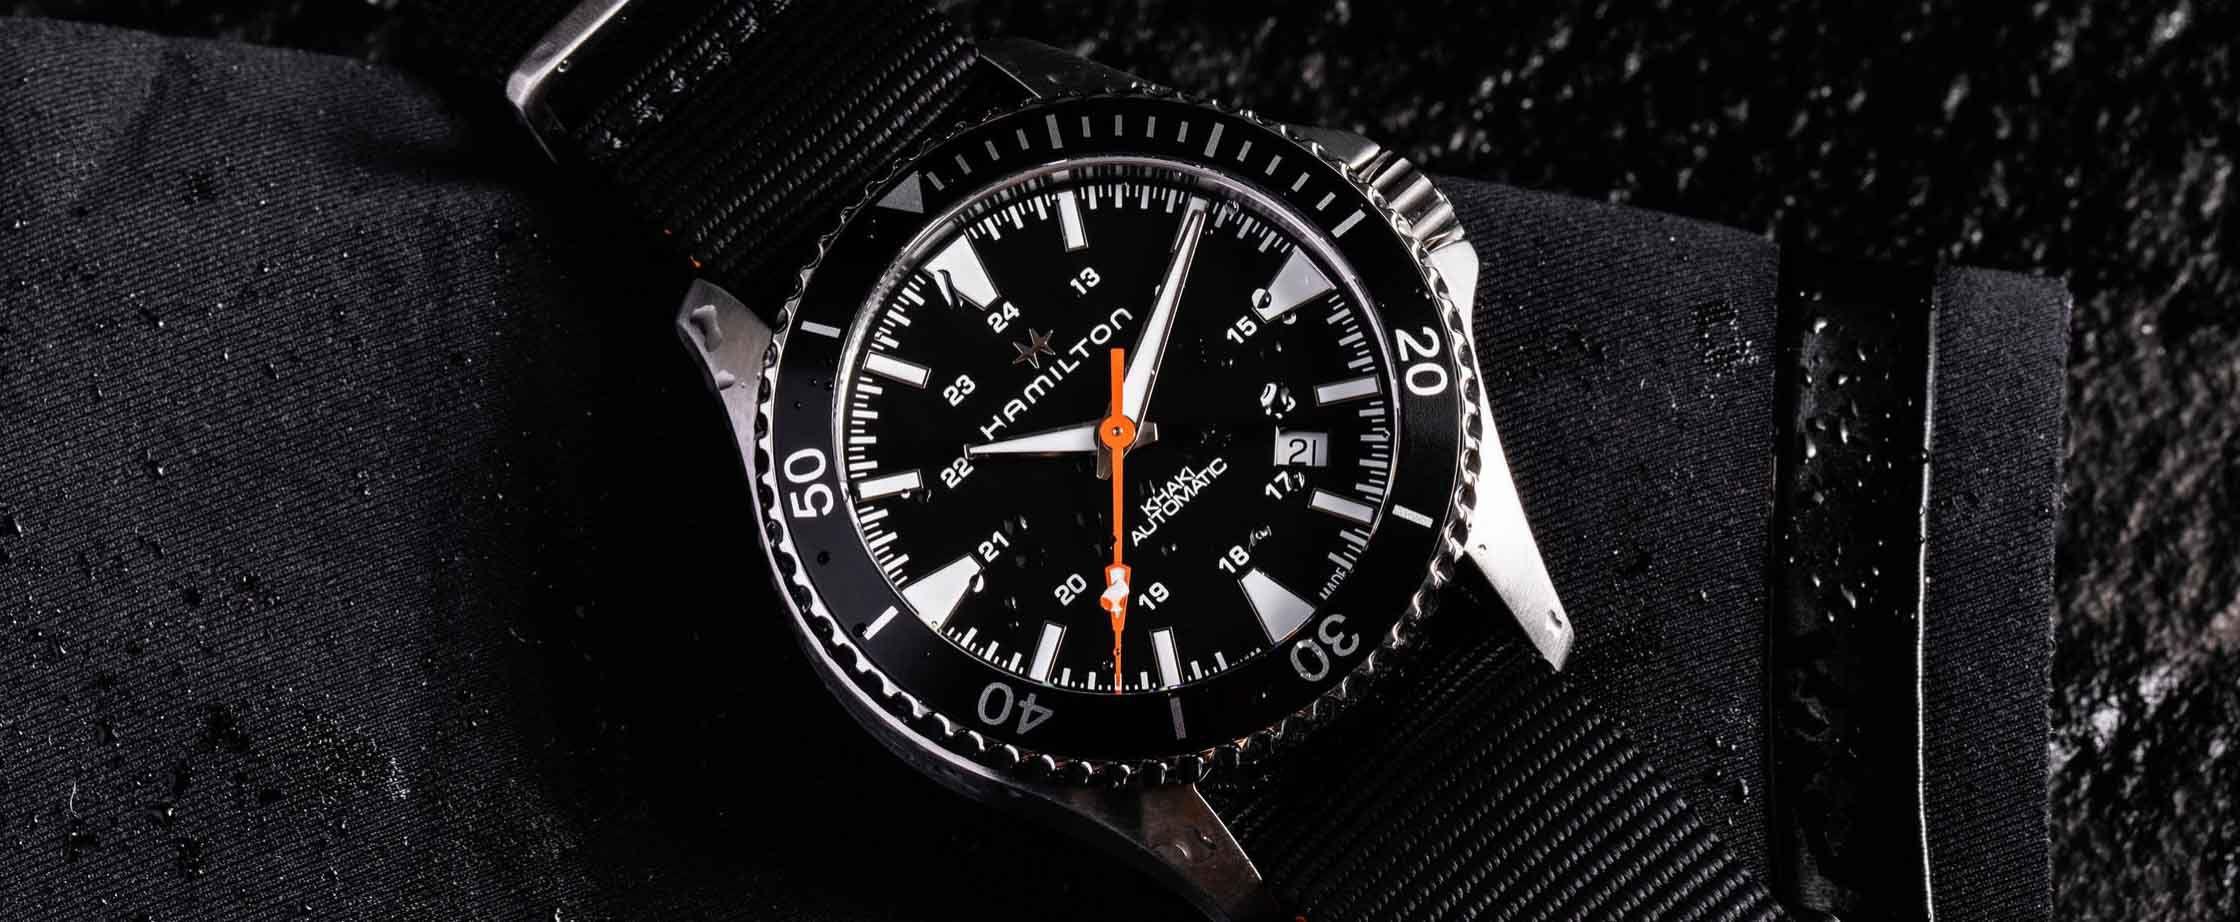 汉密尔顿卡其海军潜水Gear Patrol特别版腕表H82335031